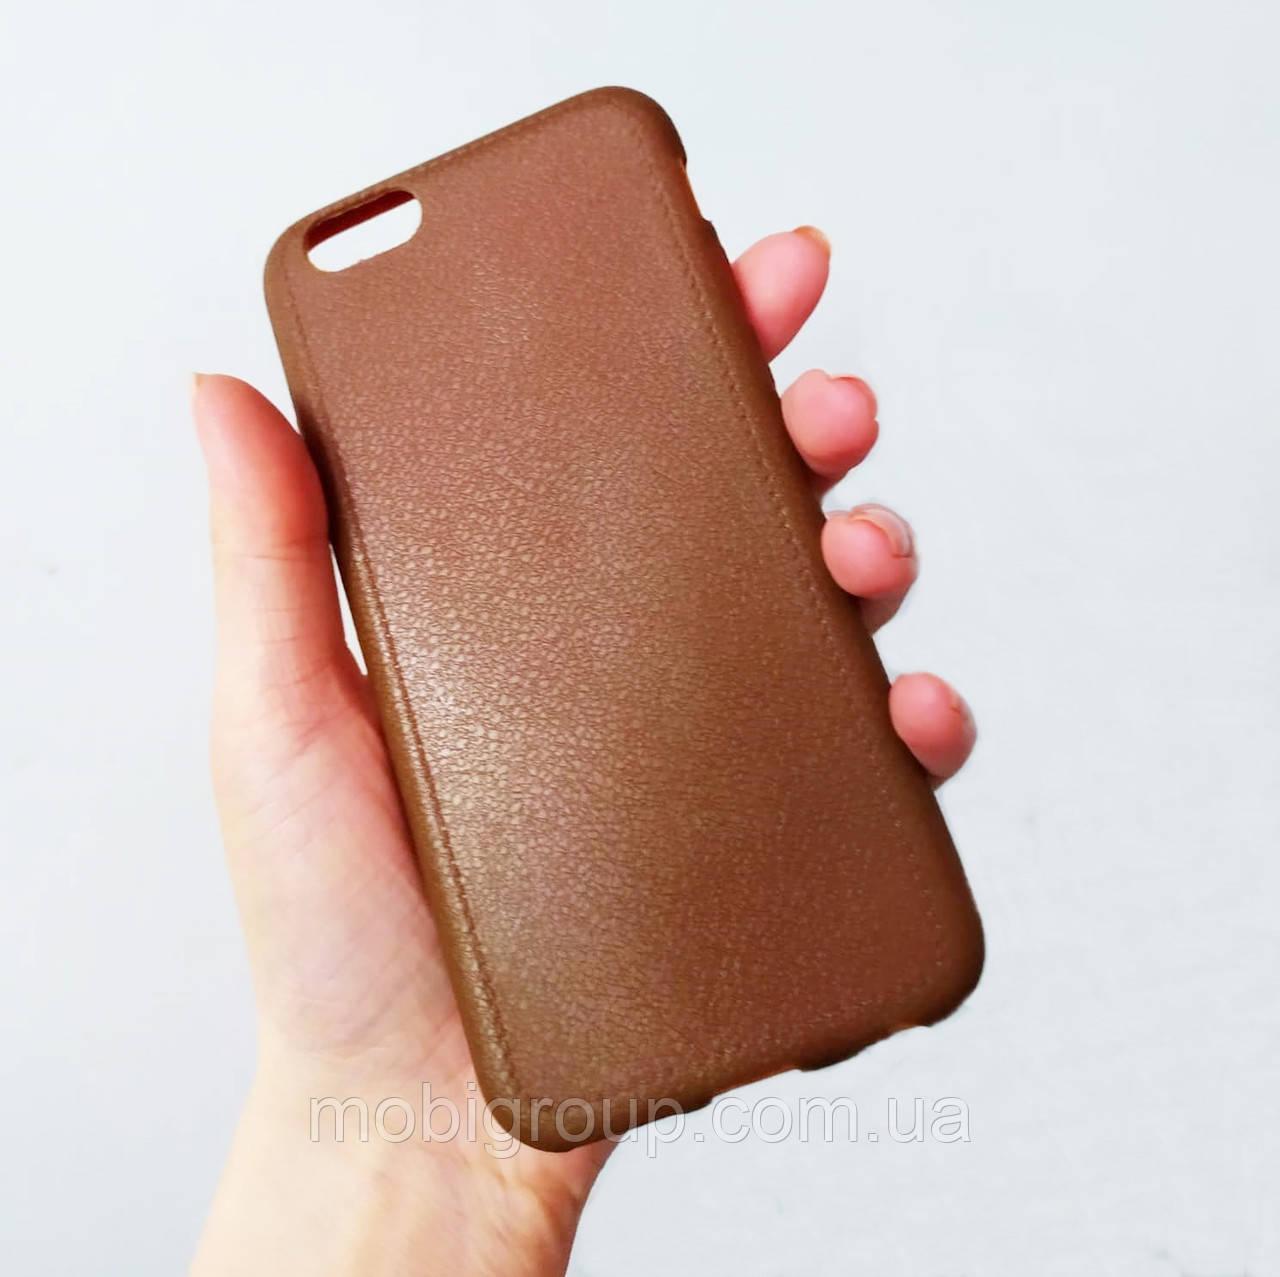 Силиконовый чехол под кожу для iPhone 6/6S, коричневый